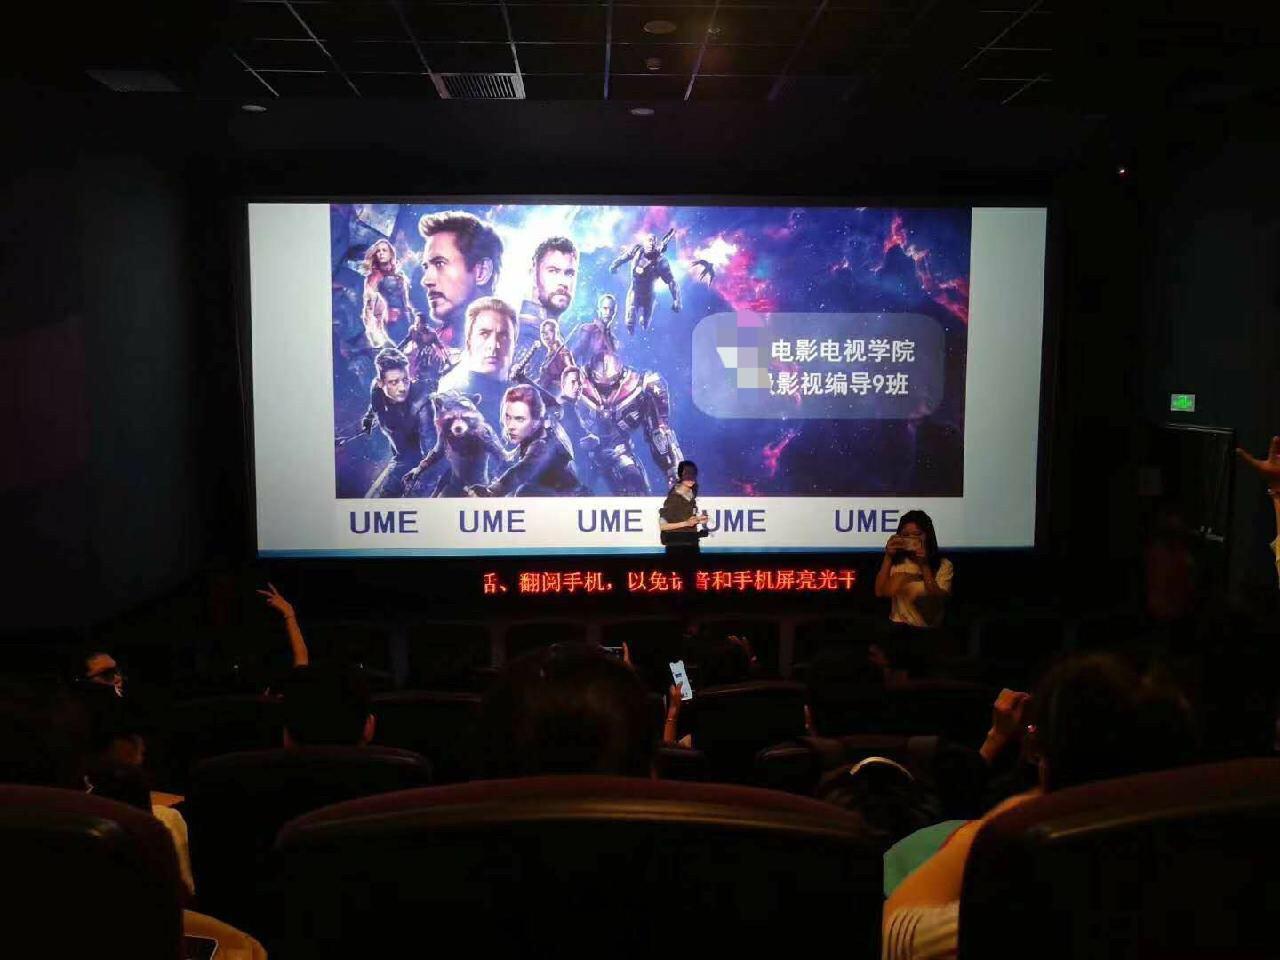 Cô giáo phá đảo MXH khi ra tay bao nguyên rạp phim và thuê xe đưa đón cả lớp xem Avengers: End game - Ảnh 1.